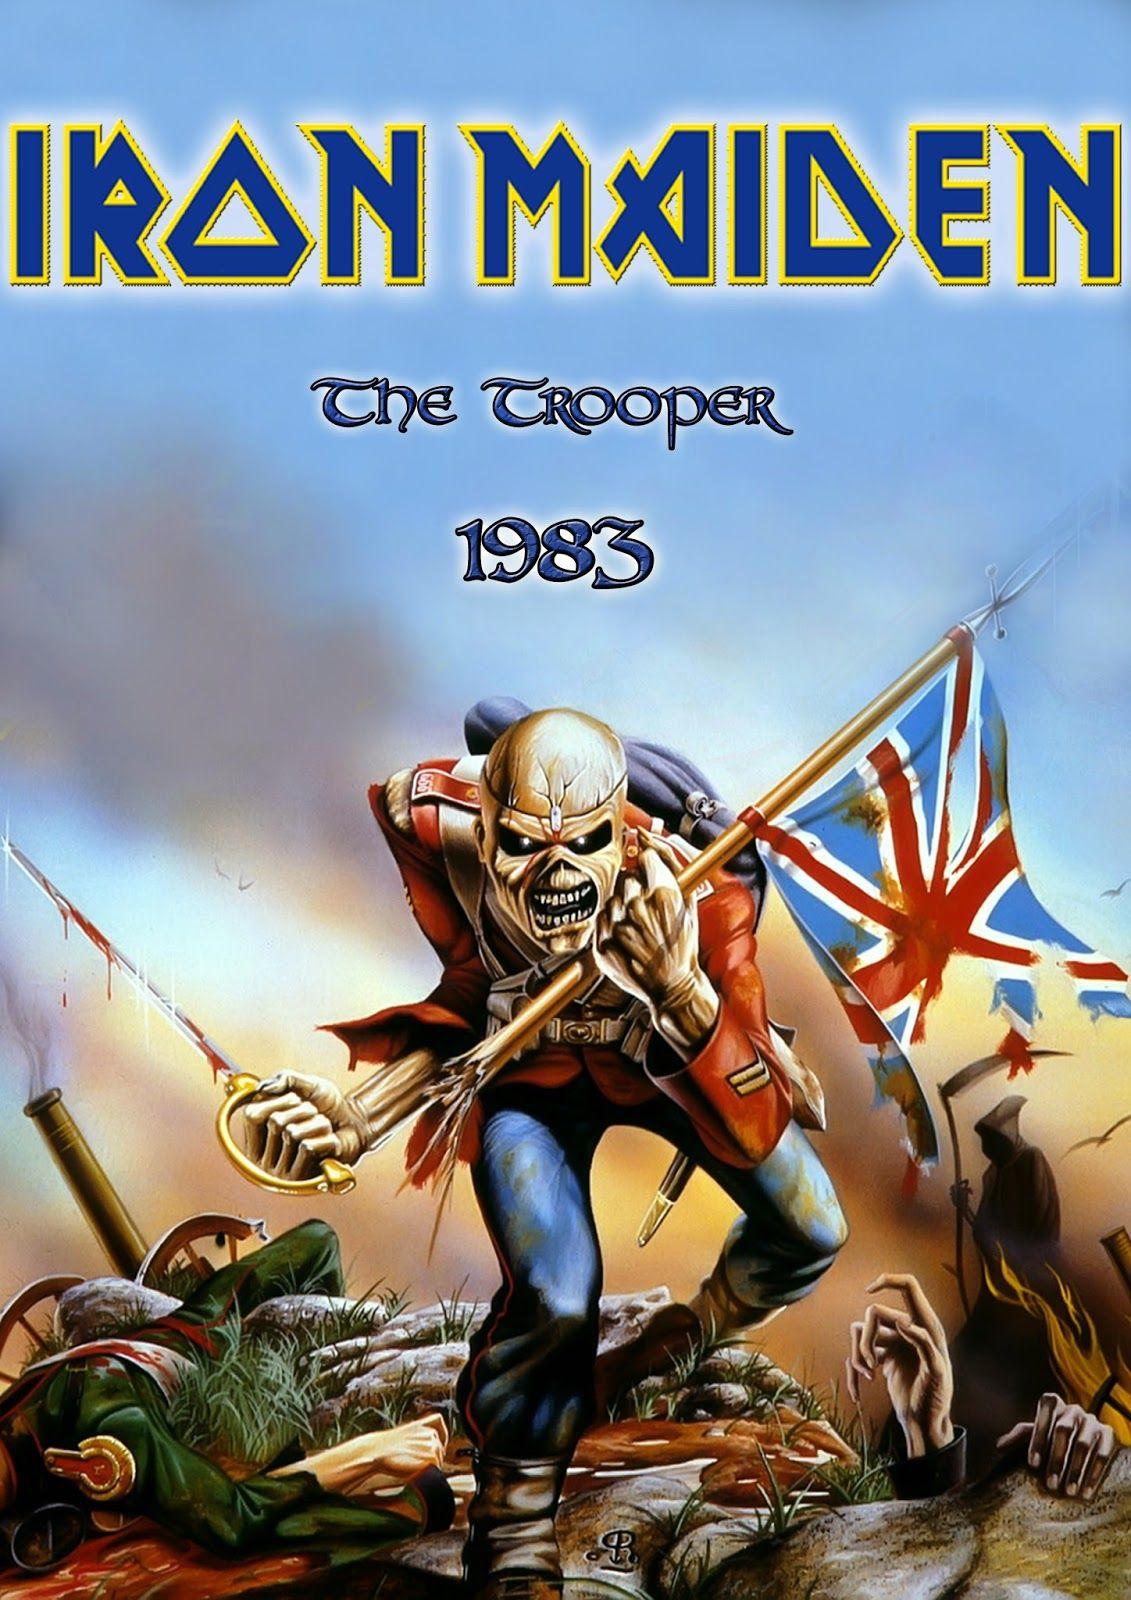 Iron Maiden The Trooper Wallpaper Portadas de álbumes de